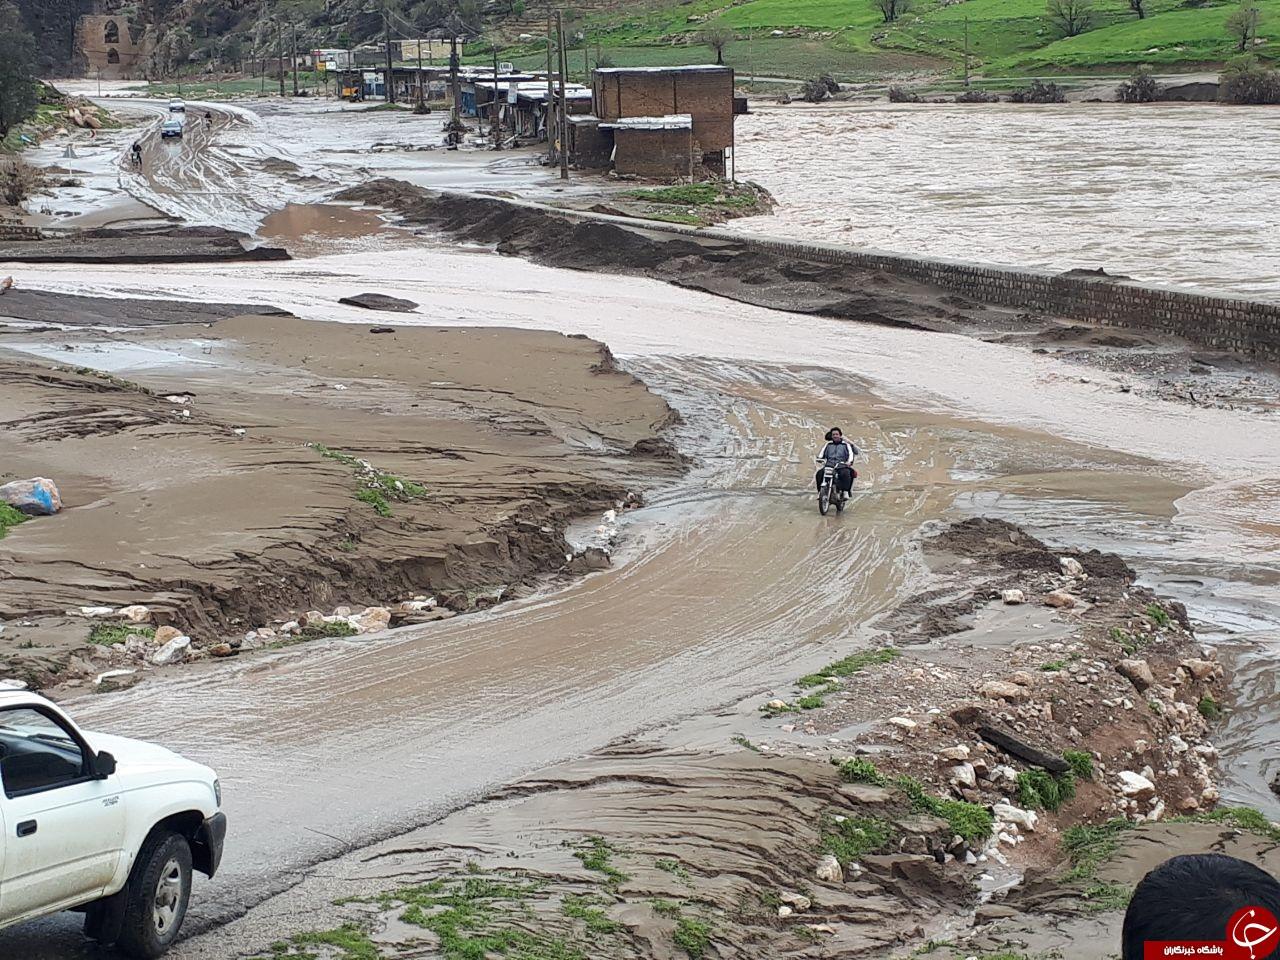 خسارت ۱۶۹ میلیاردی سیل به راه های شهرستان الیگودرز